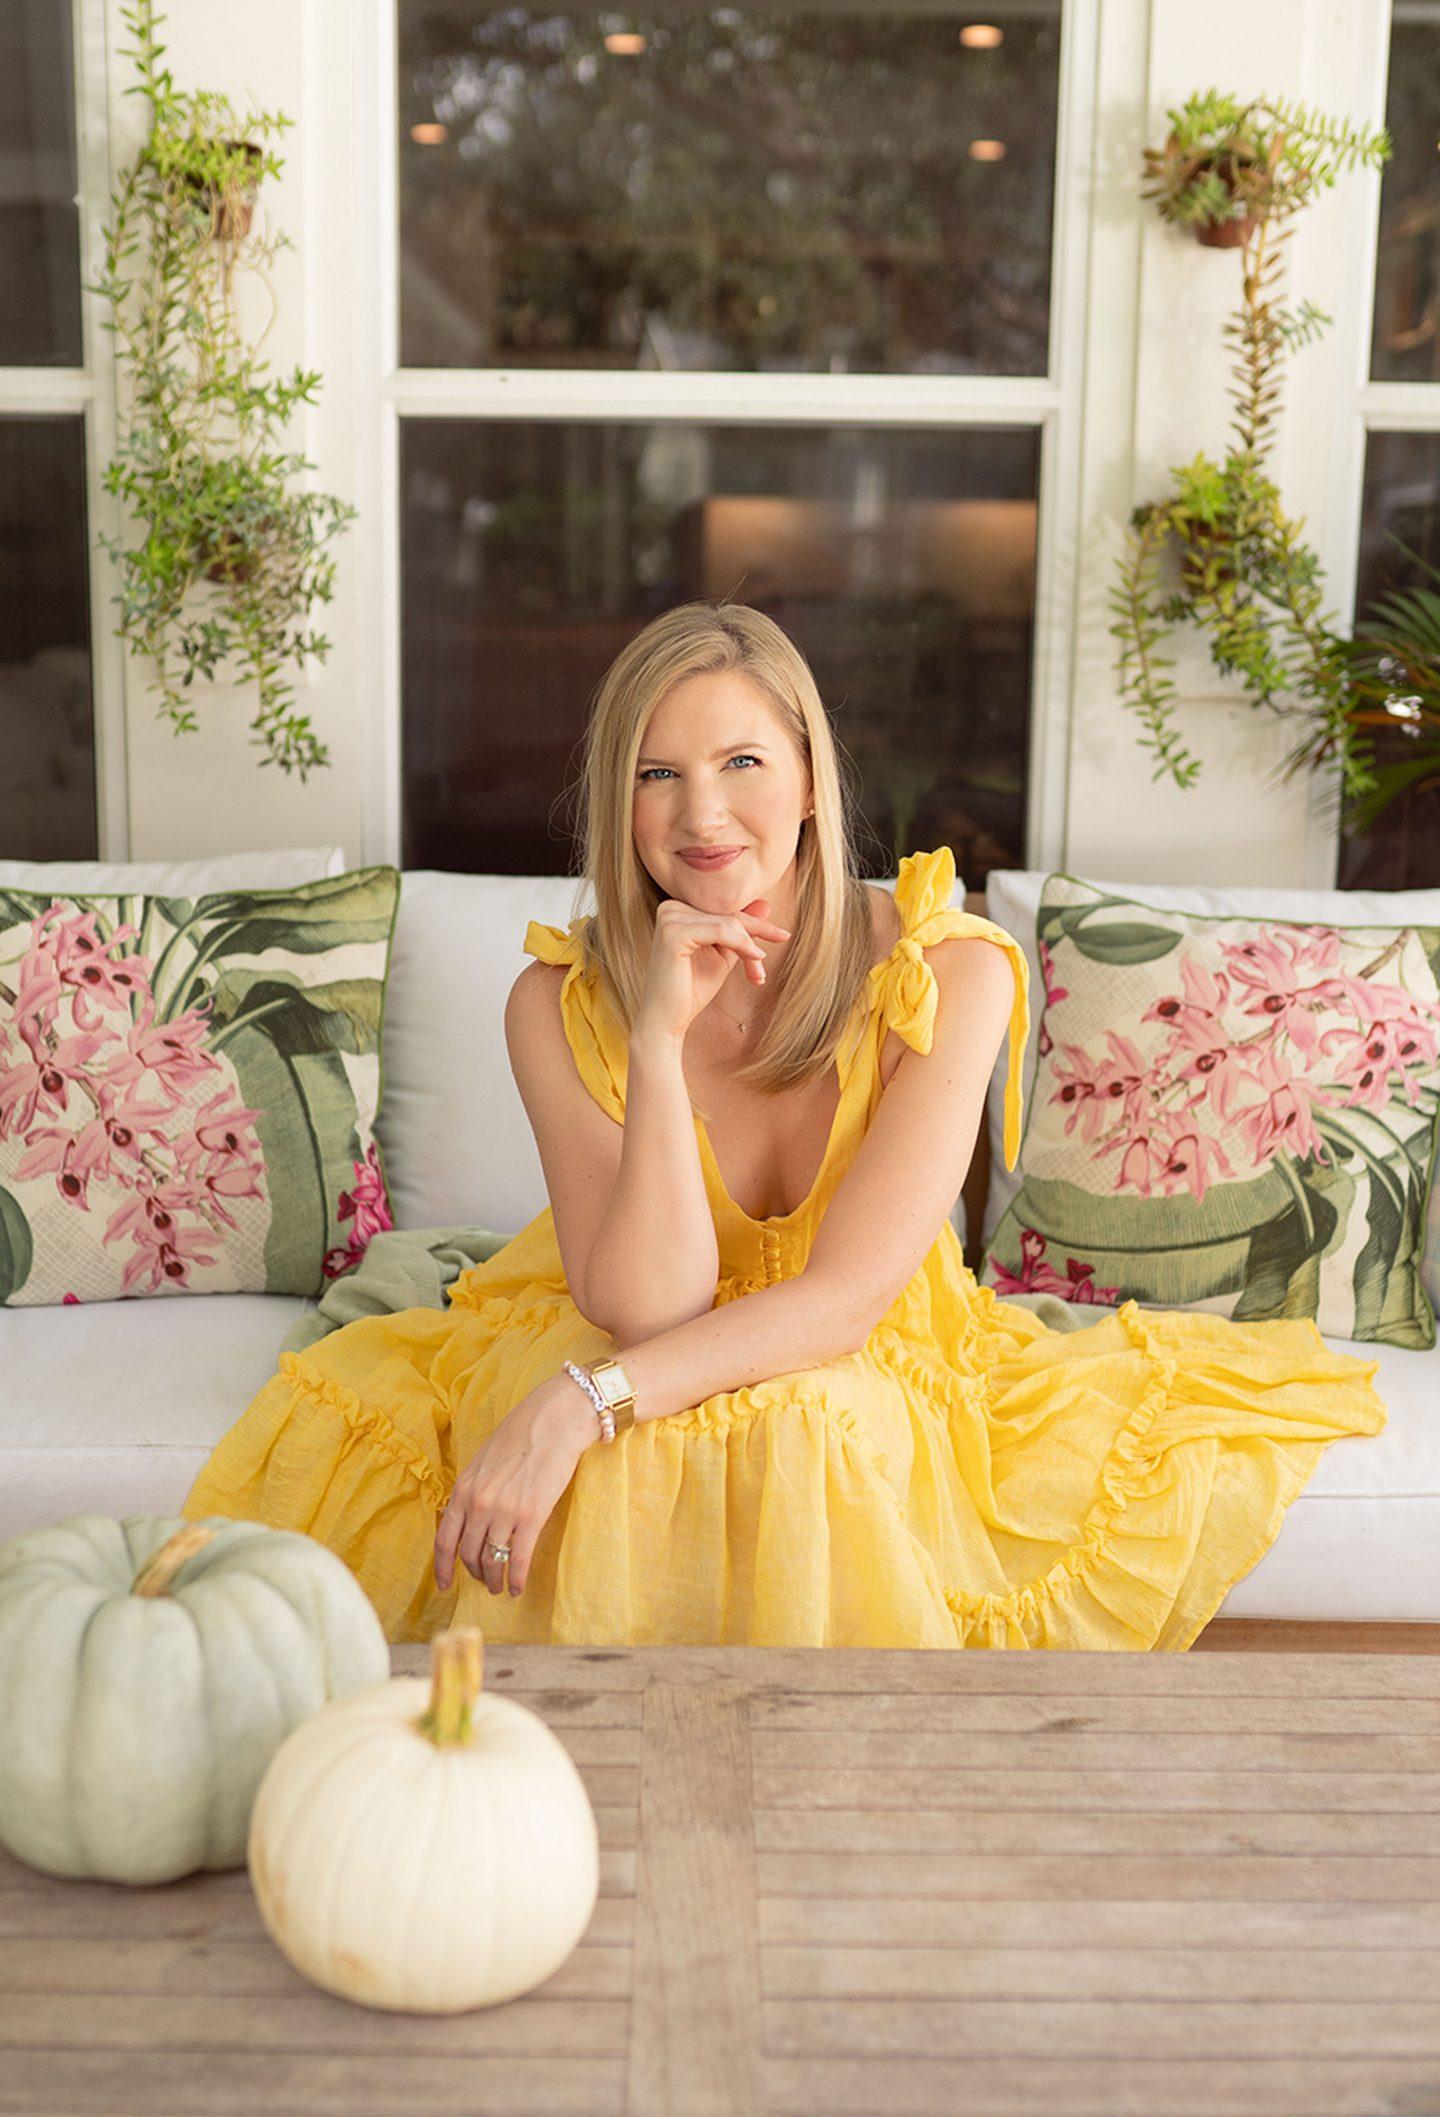 Yellow mini dress worn by Ashley Brooke